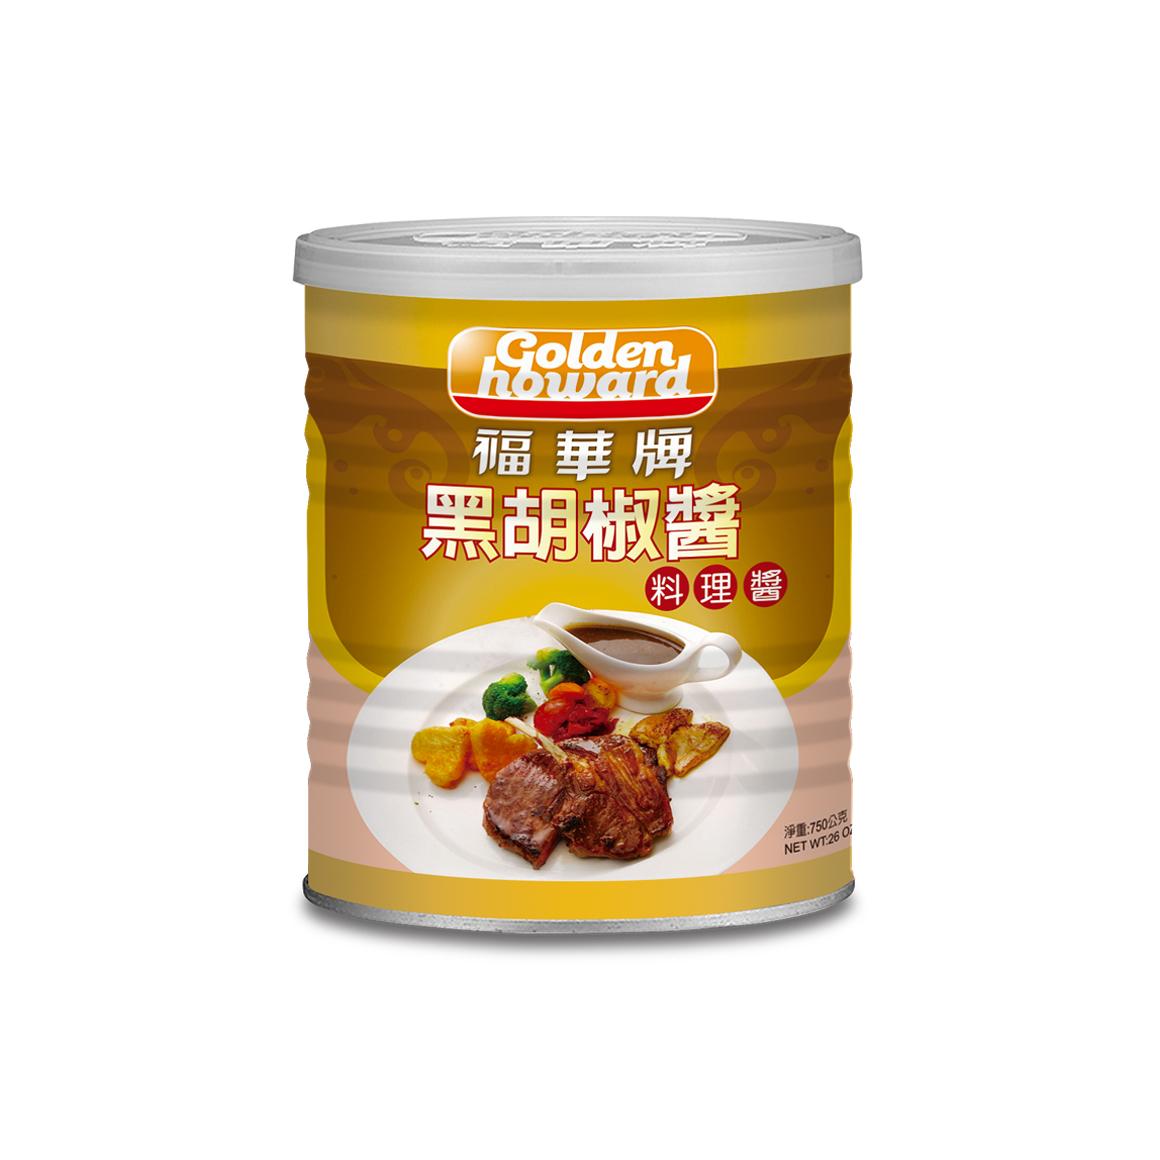 20200602-B320-08福華牌黑胡椒醬750g-罐裝易開-官網1160x1160